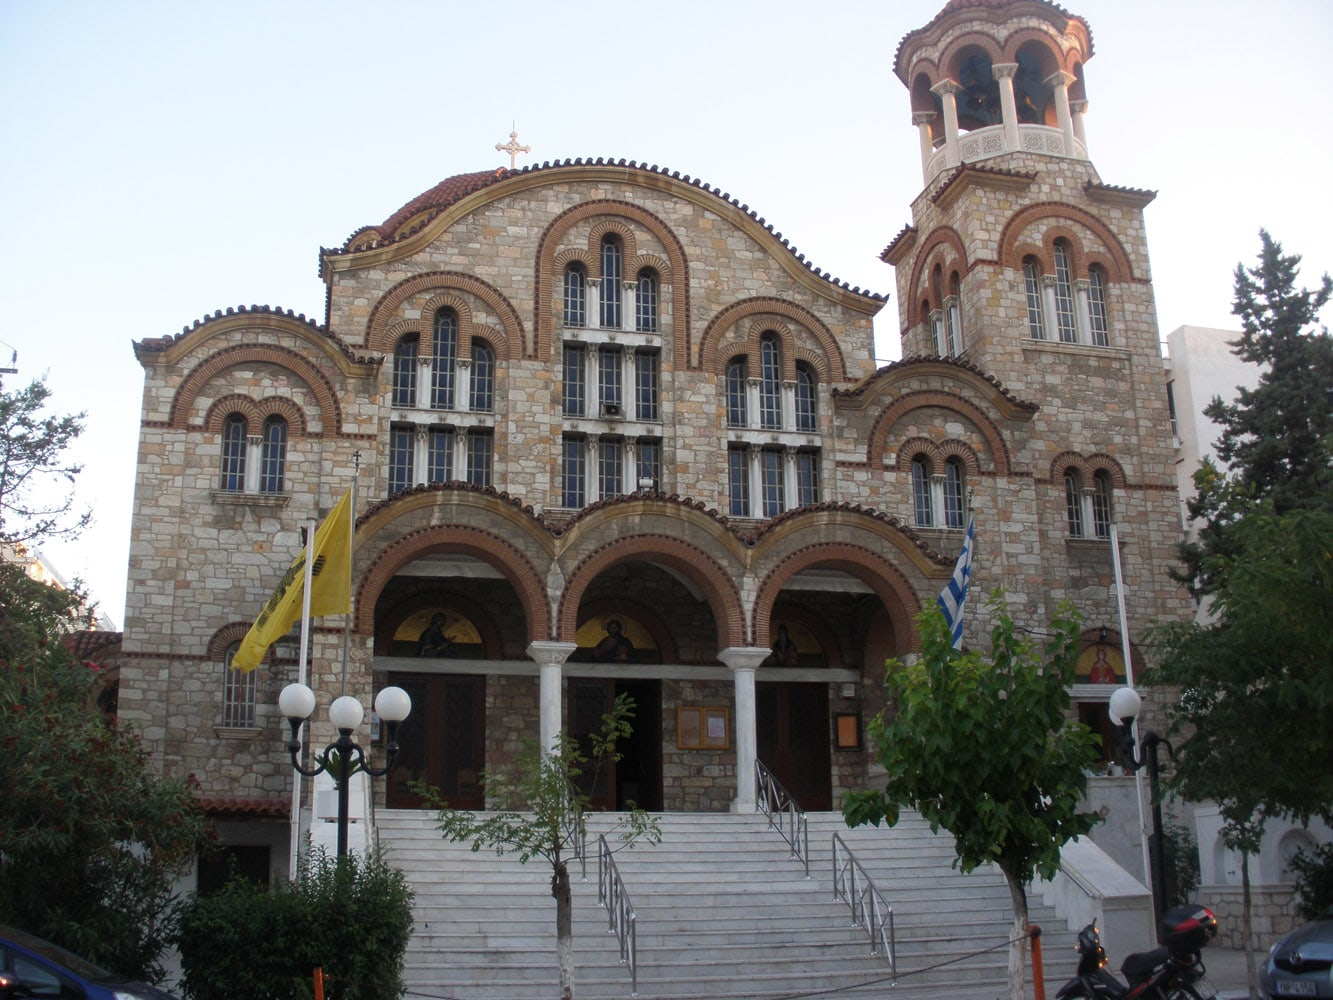 Η εκκλησία εξωτερικά με τα σκαλοπάτια